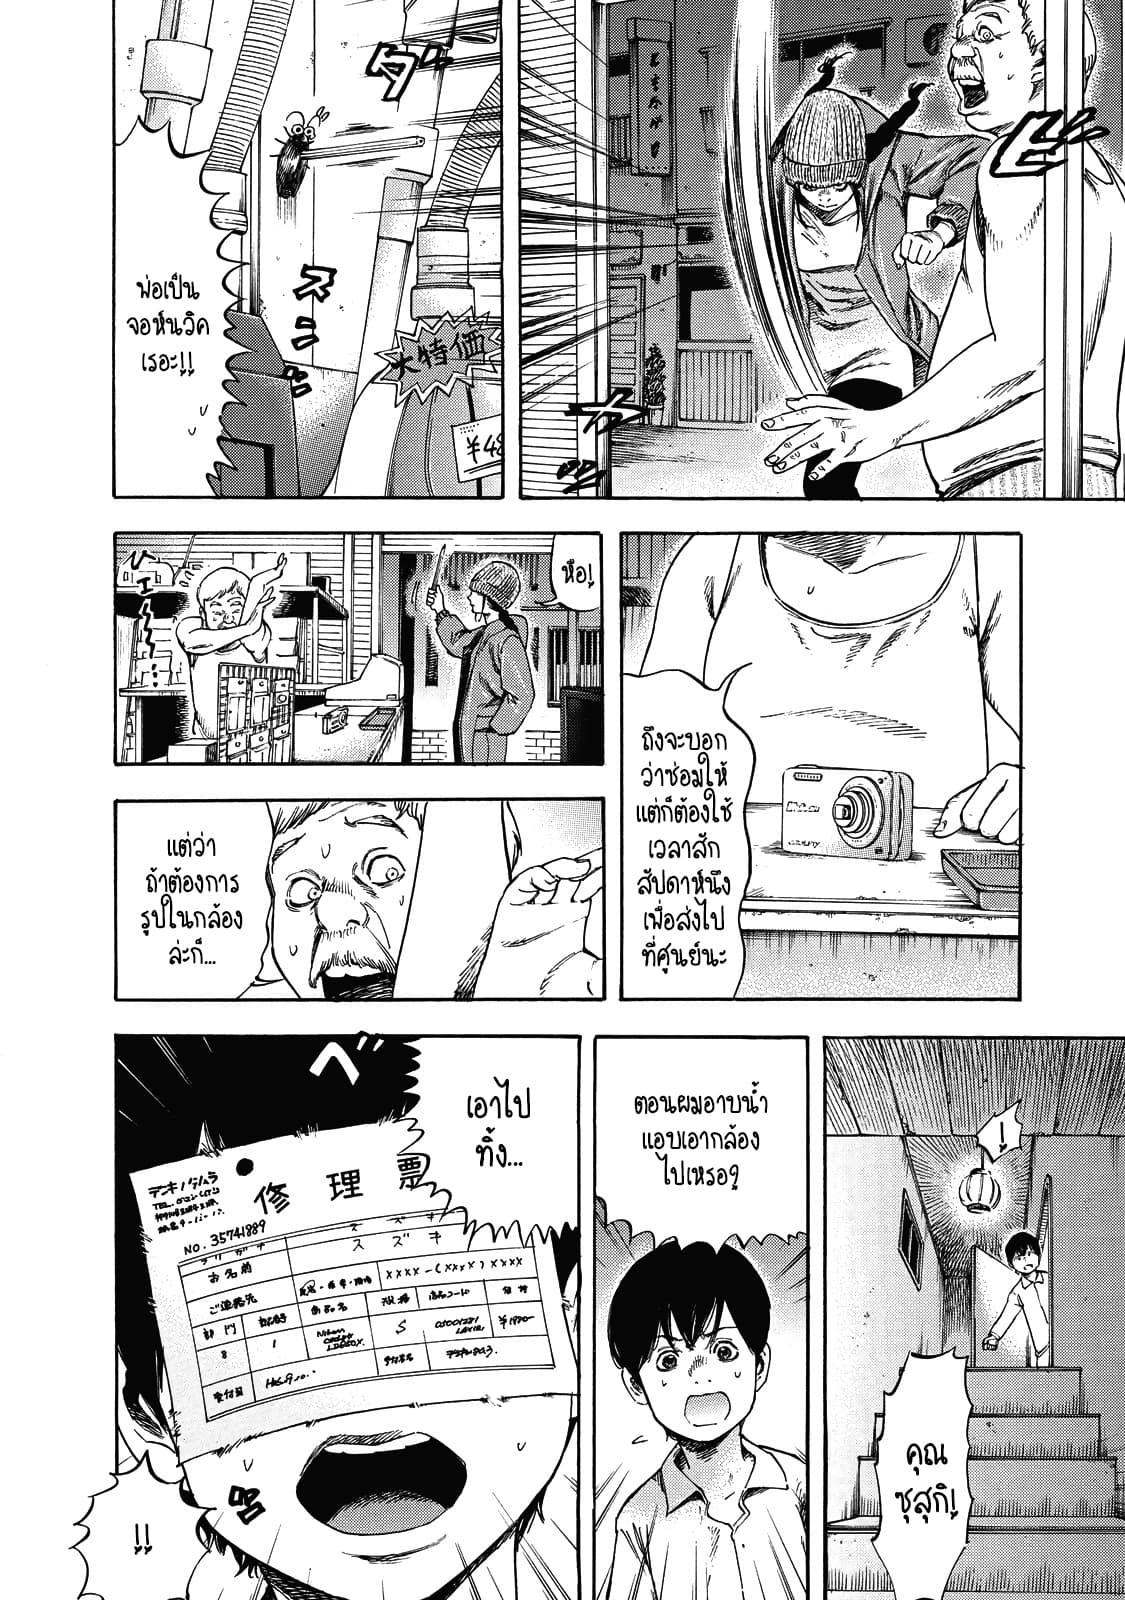 อ่านการ์ตูน Suzuki-san wa Tada Shizuka ni Kurashitai ตอนที่ 5 หน้าที่ 18